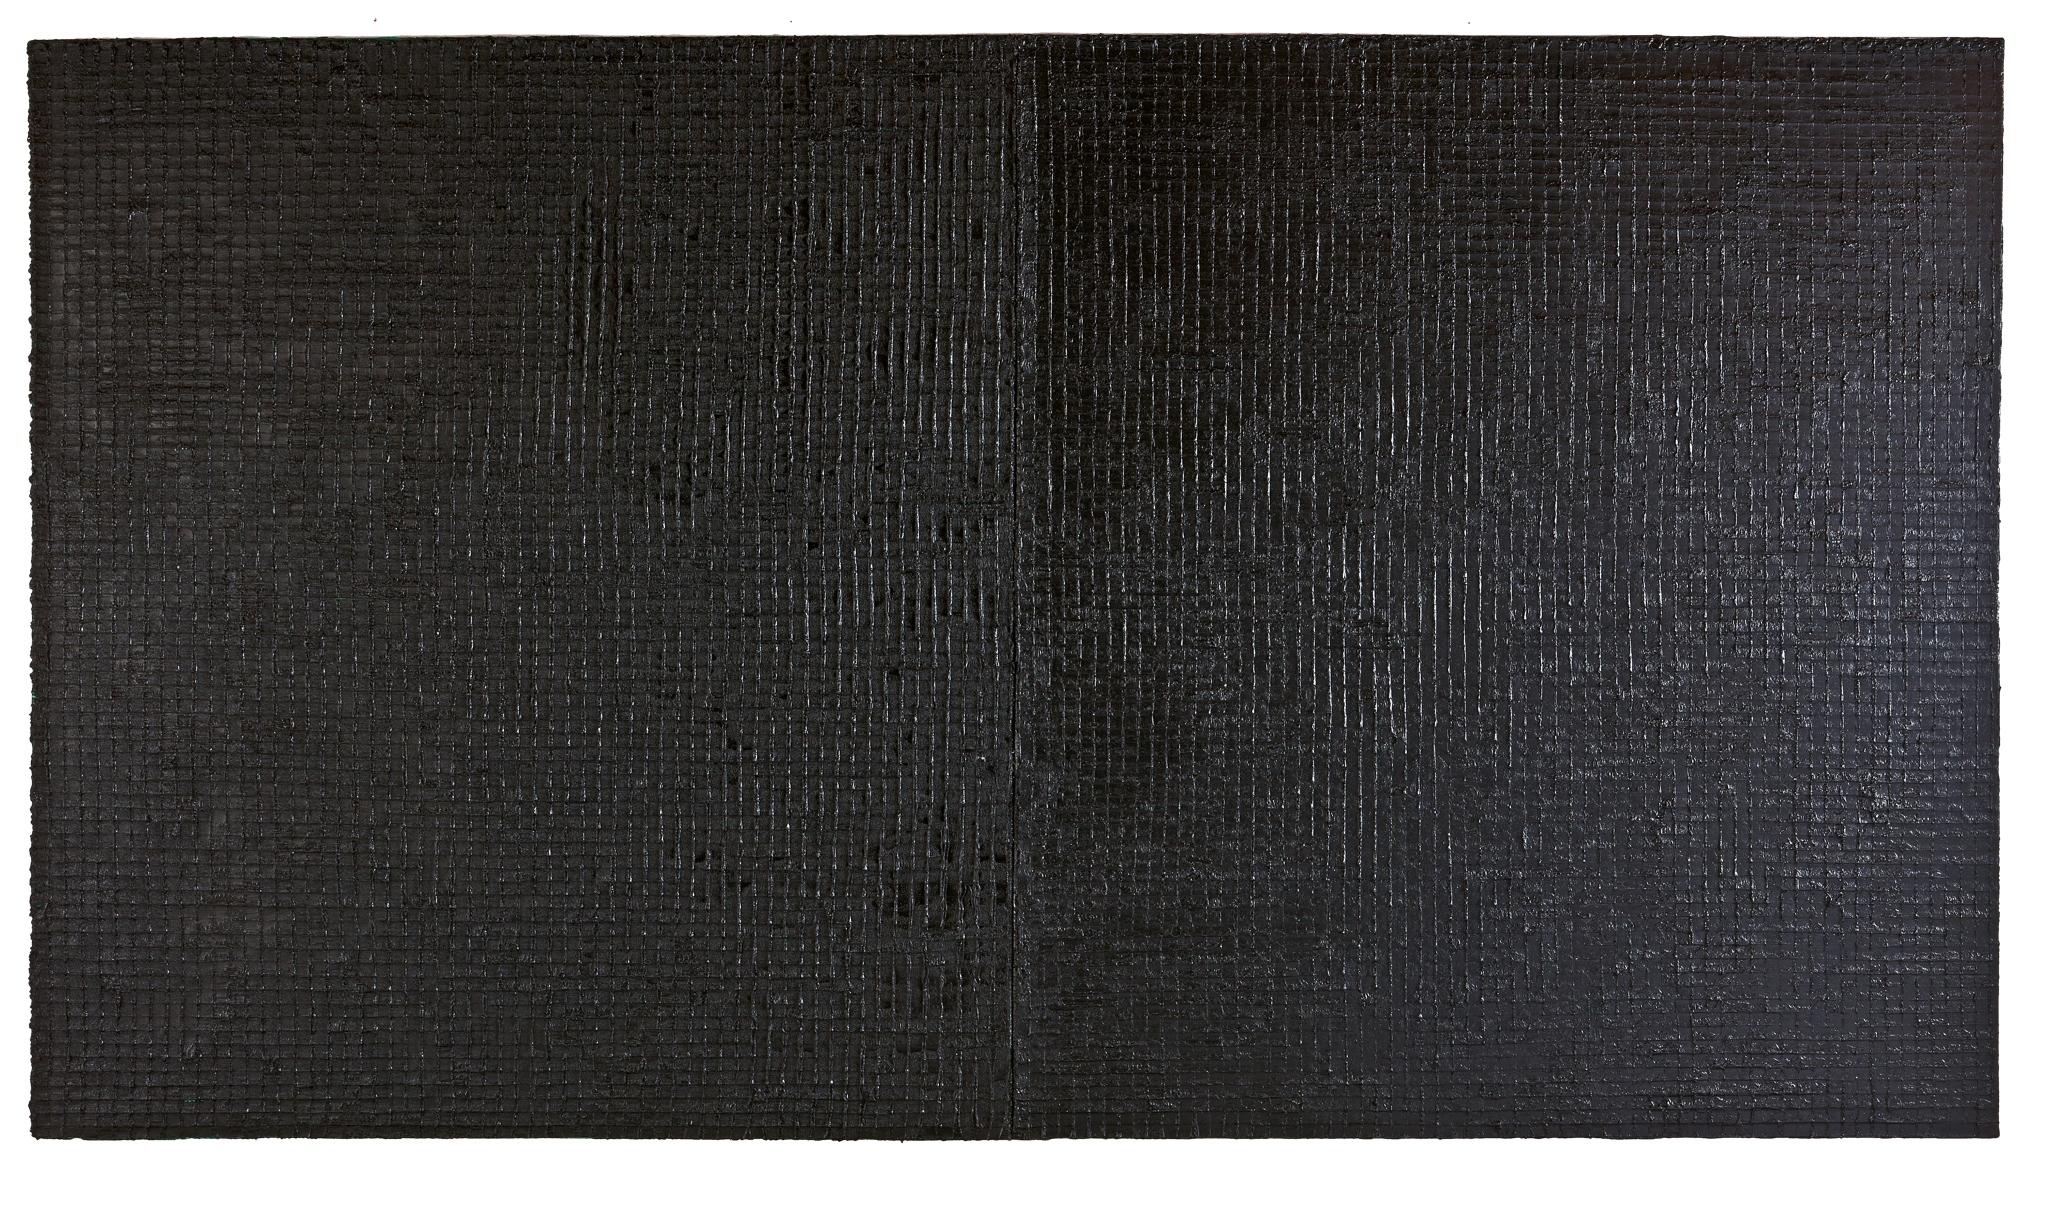 Rolf Rose, 190 x 360 cm, Öl auf Leinwand, Diptychon